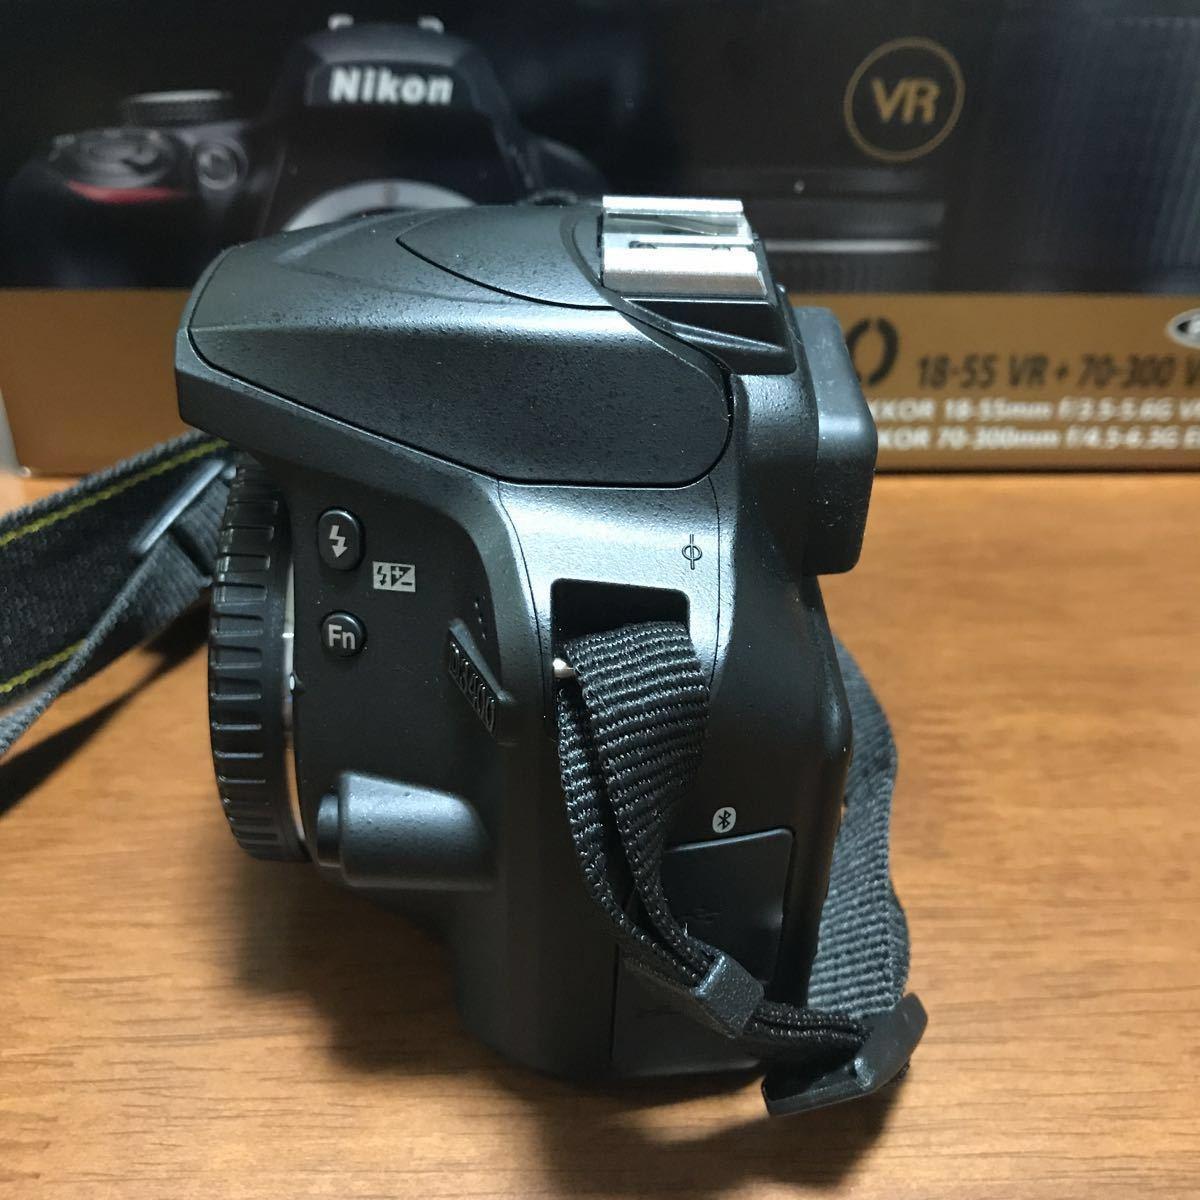 【中古】ニコン NIKON D3400 デジタル一眼レフカメラ ボディ APSーC オマケ ケース ライト_画像7